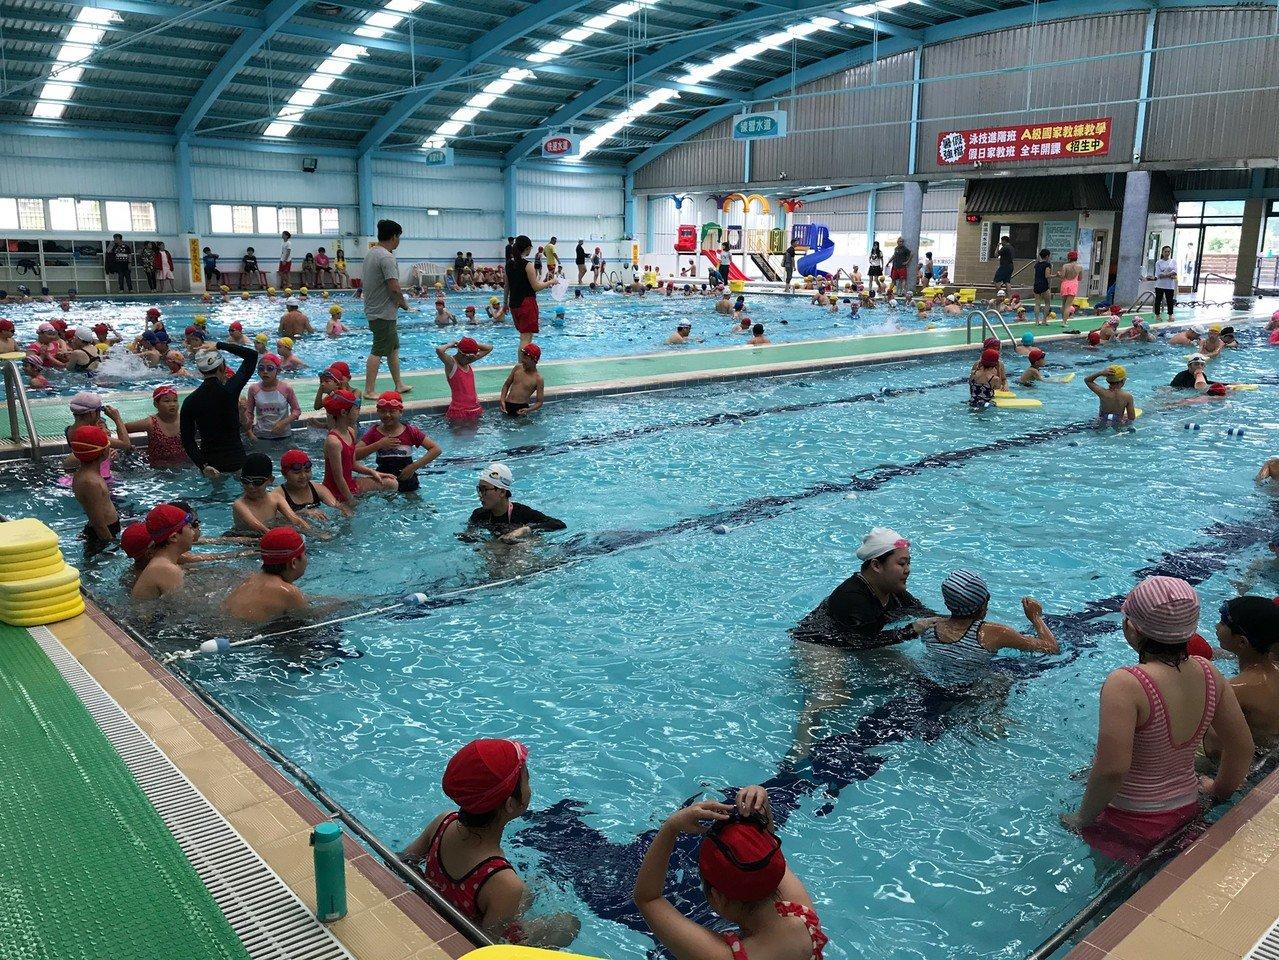 桃市稽查游泳池初驗不合格率34% 竟多與消費有關